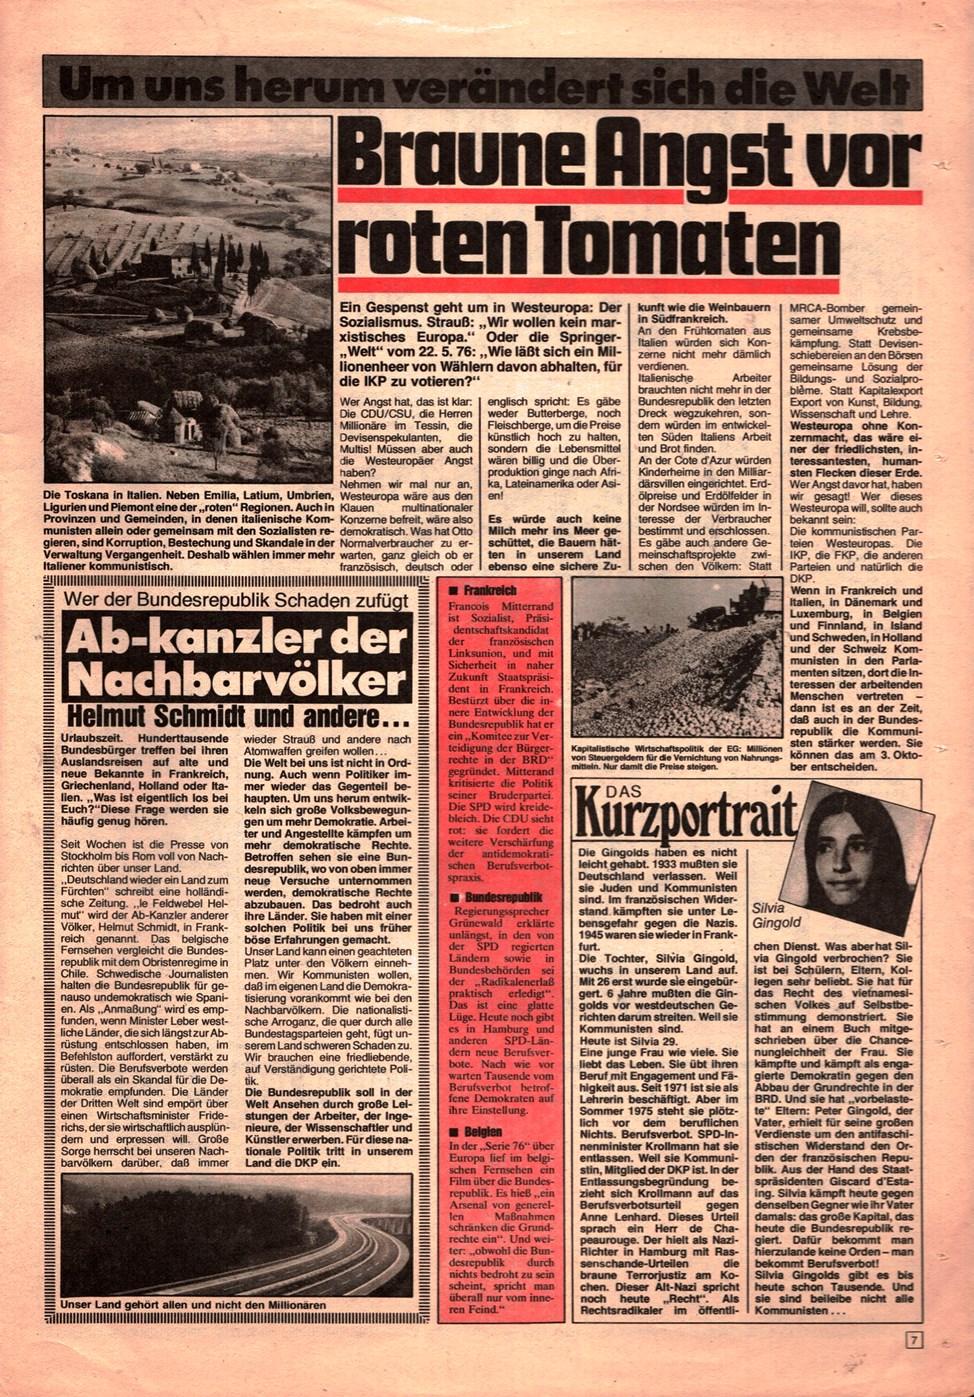 Muenchen_DKP_Neues_Muenchen_19760600_007